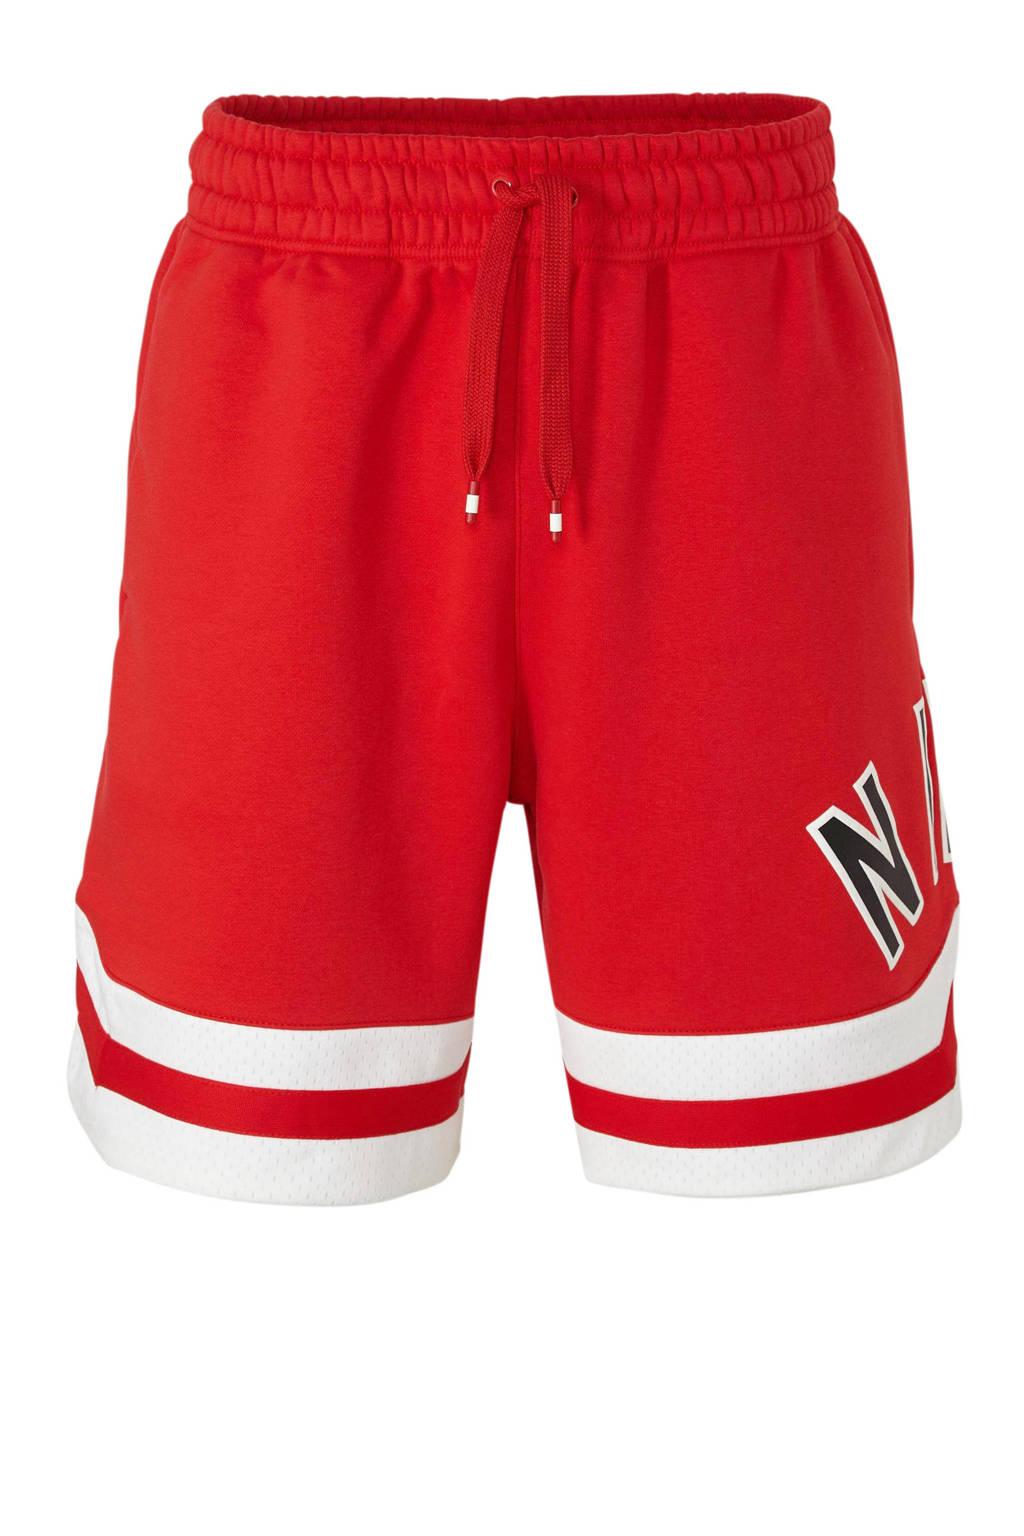 Nike   sportshort met printopdruk rood, Rood